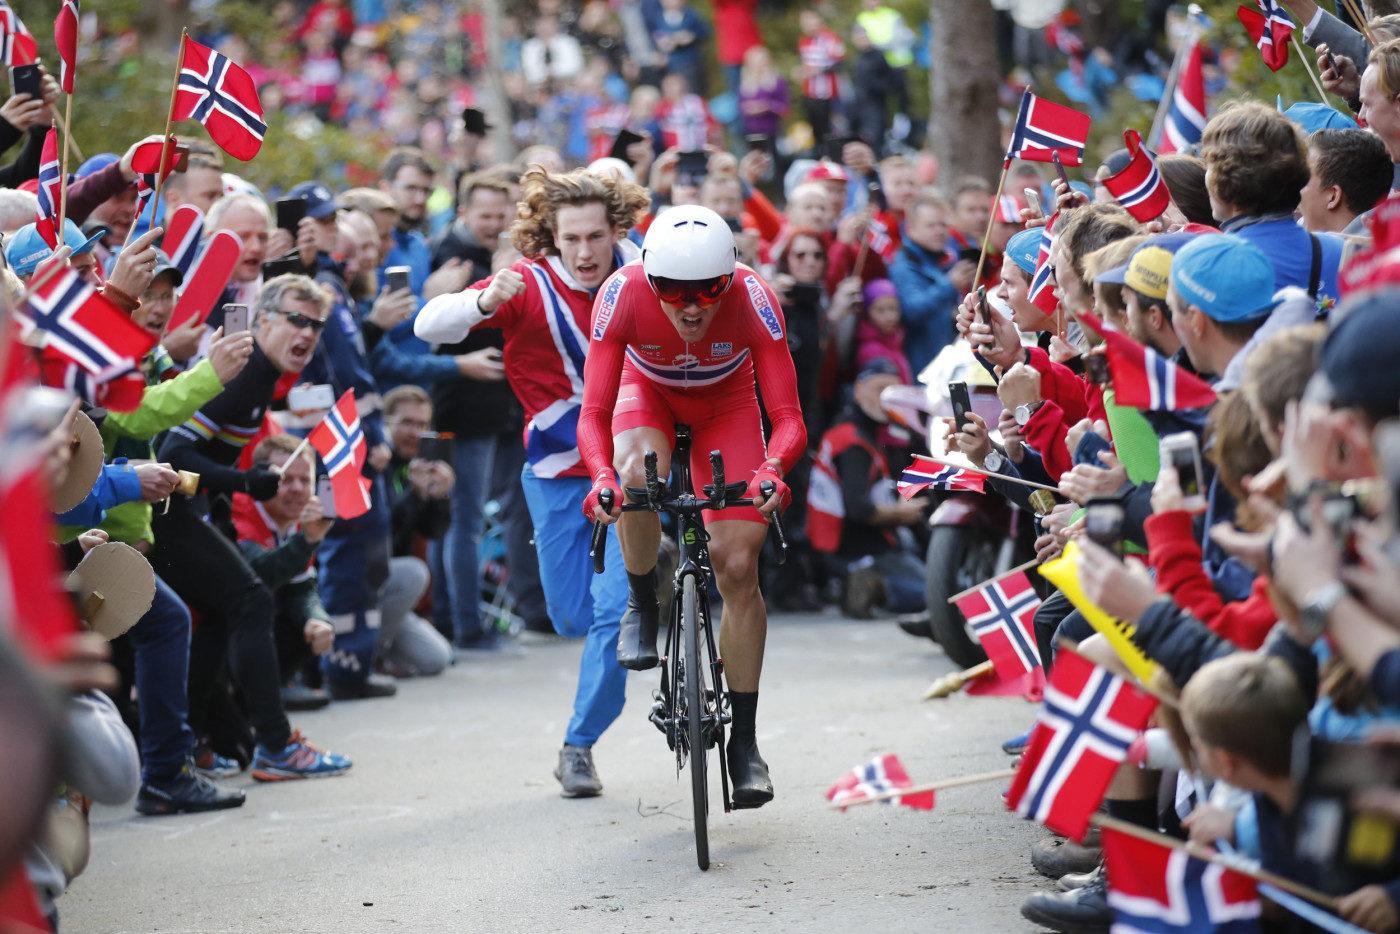 Sykkel-VM med mulig ny kjemperegning